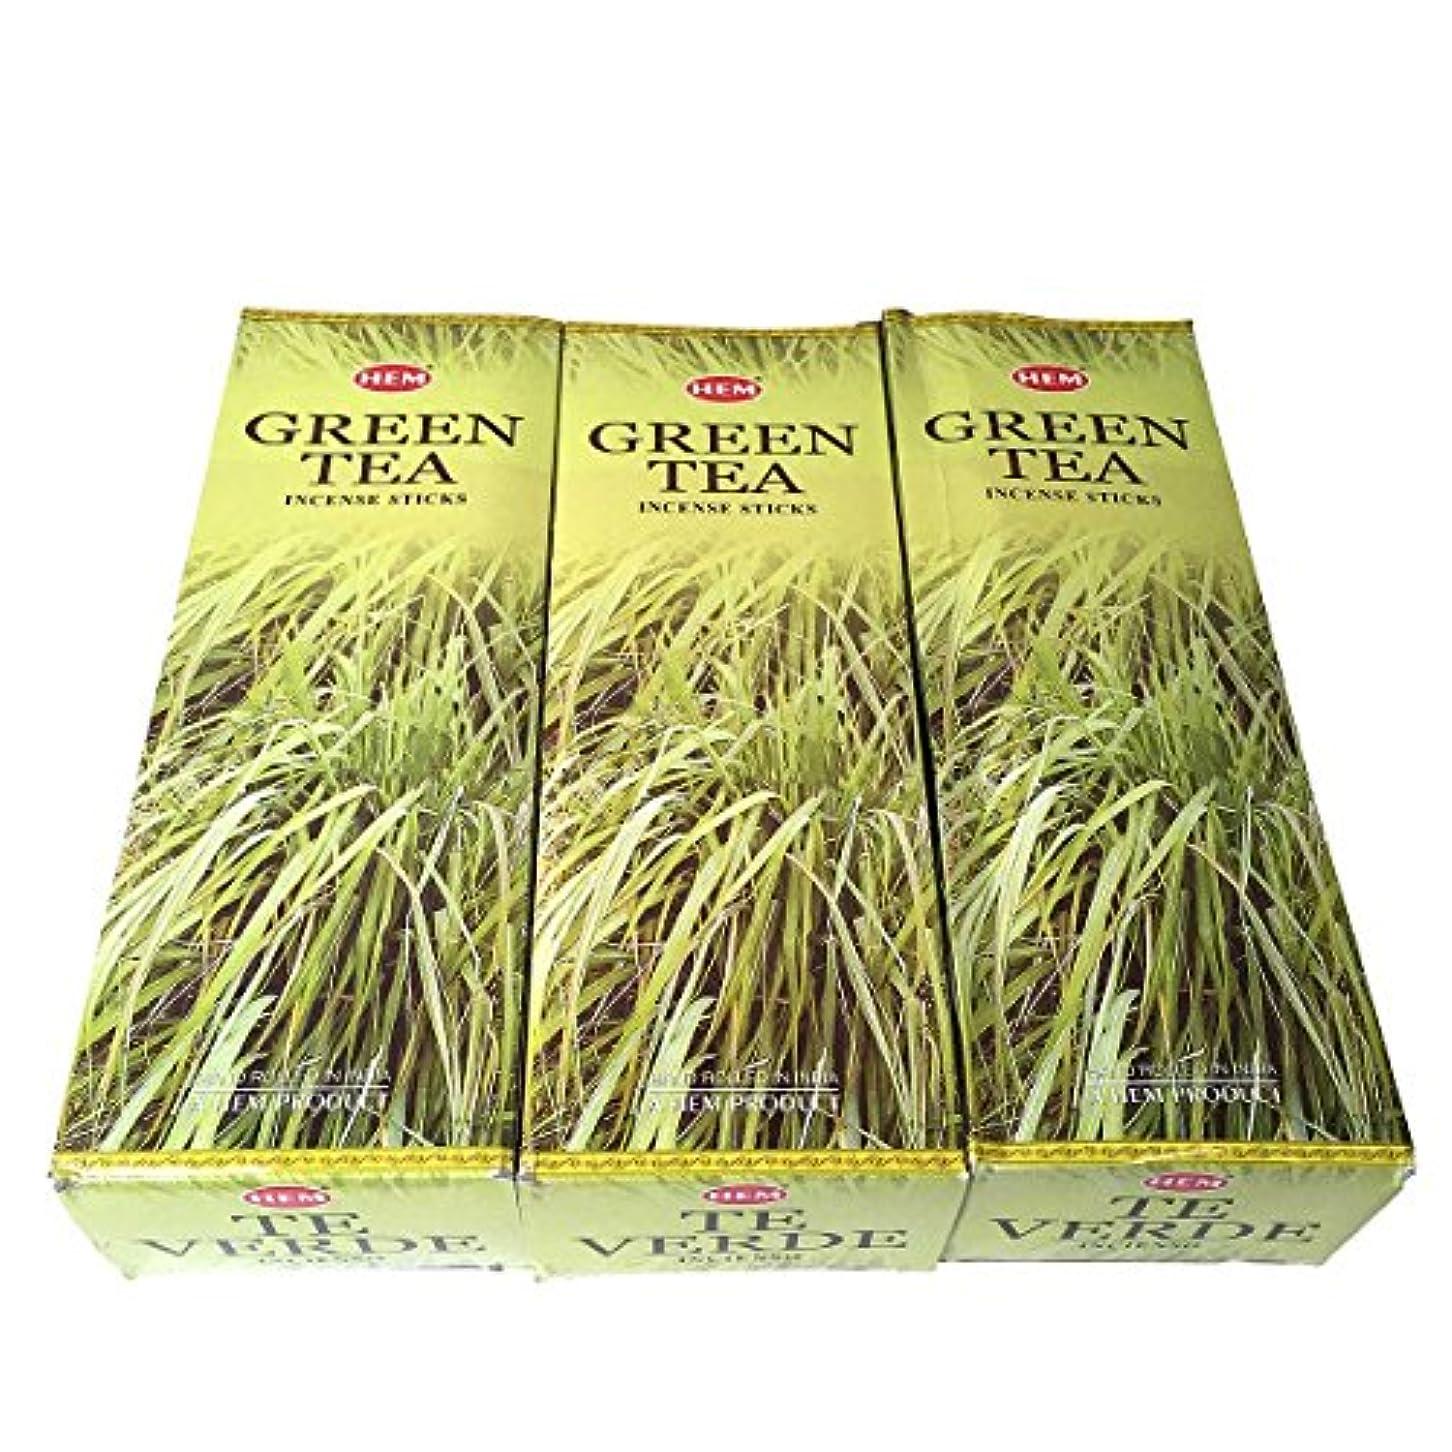 数学者トロピカル繕うグリーンティー香スティック 3BOX(18箱) /HEM Green Tea/インセンス/インド香 お香 [並行輸入品]